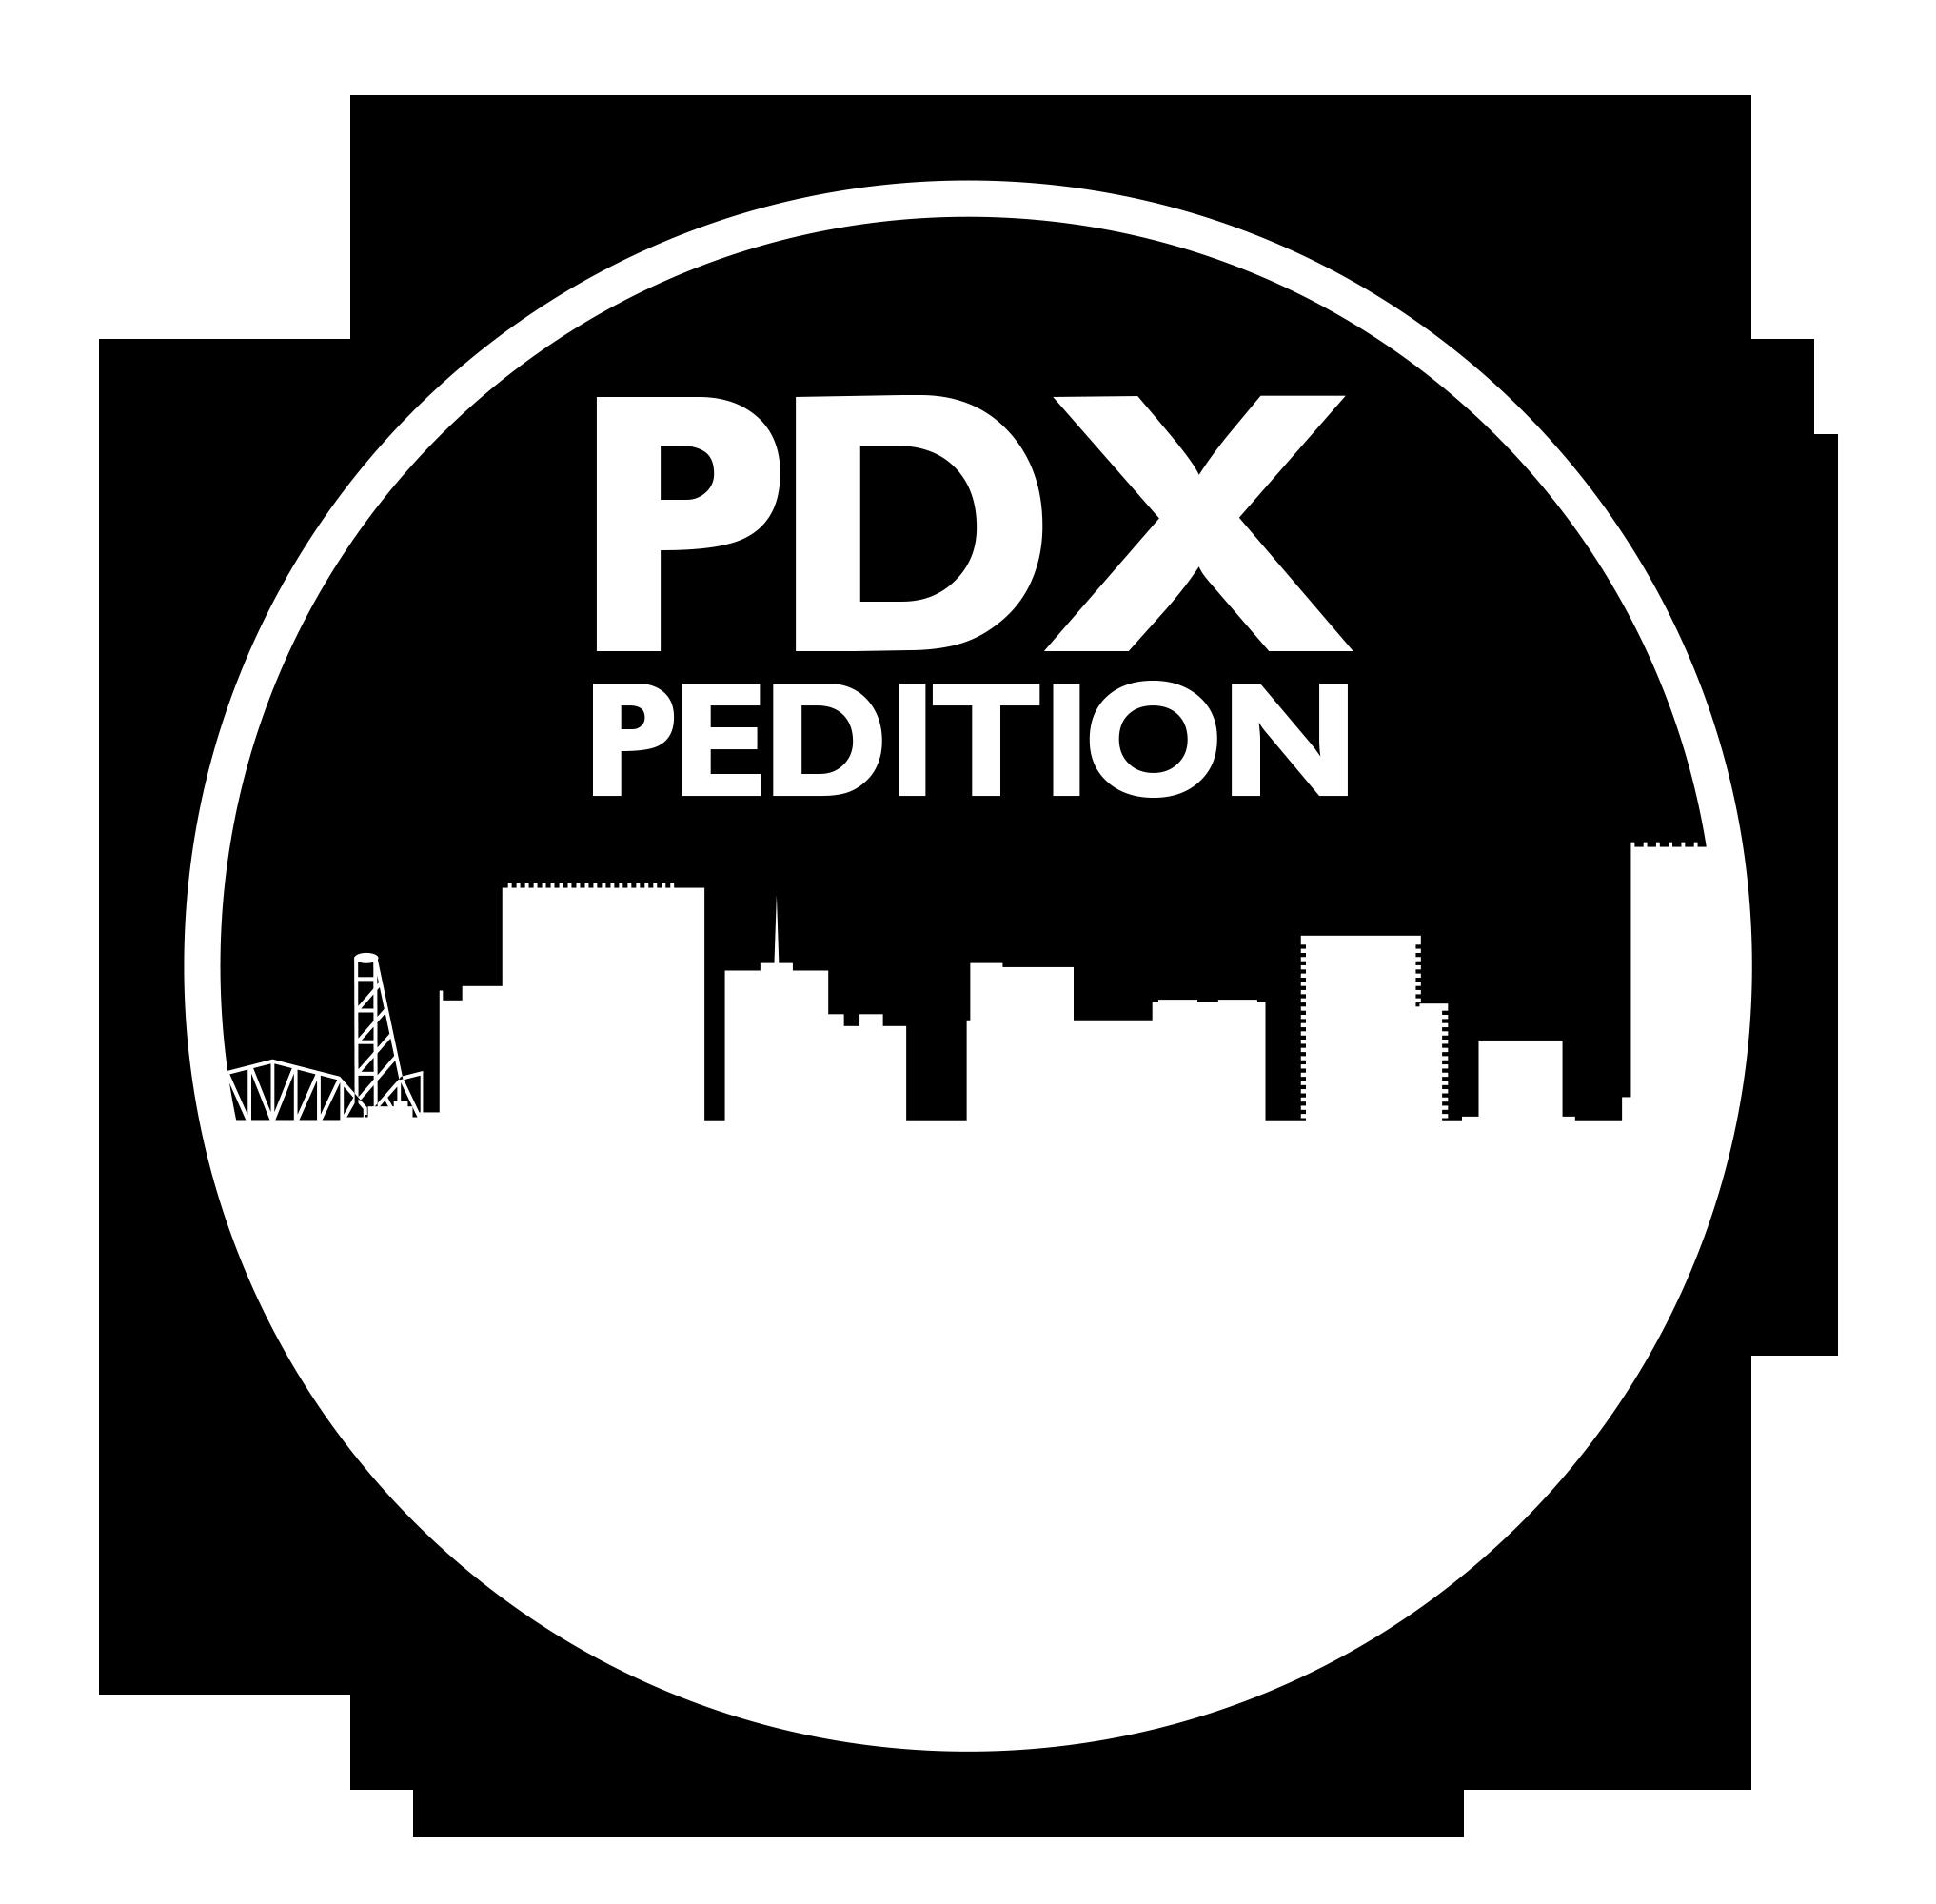 Pdxpediton